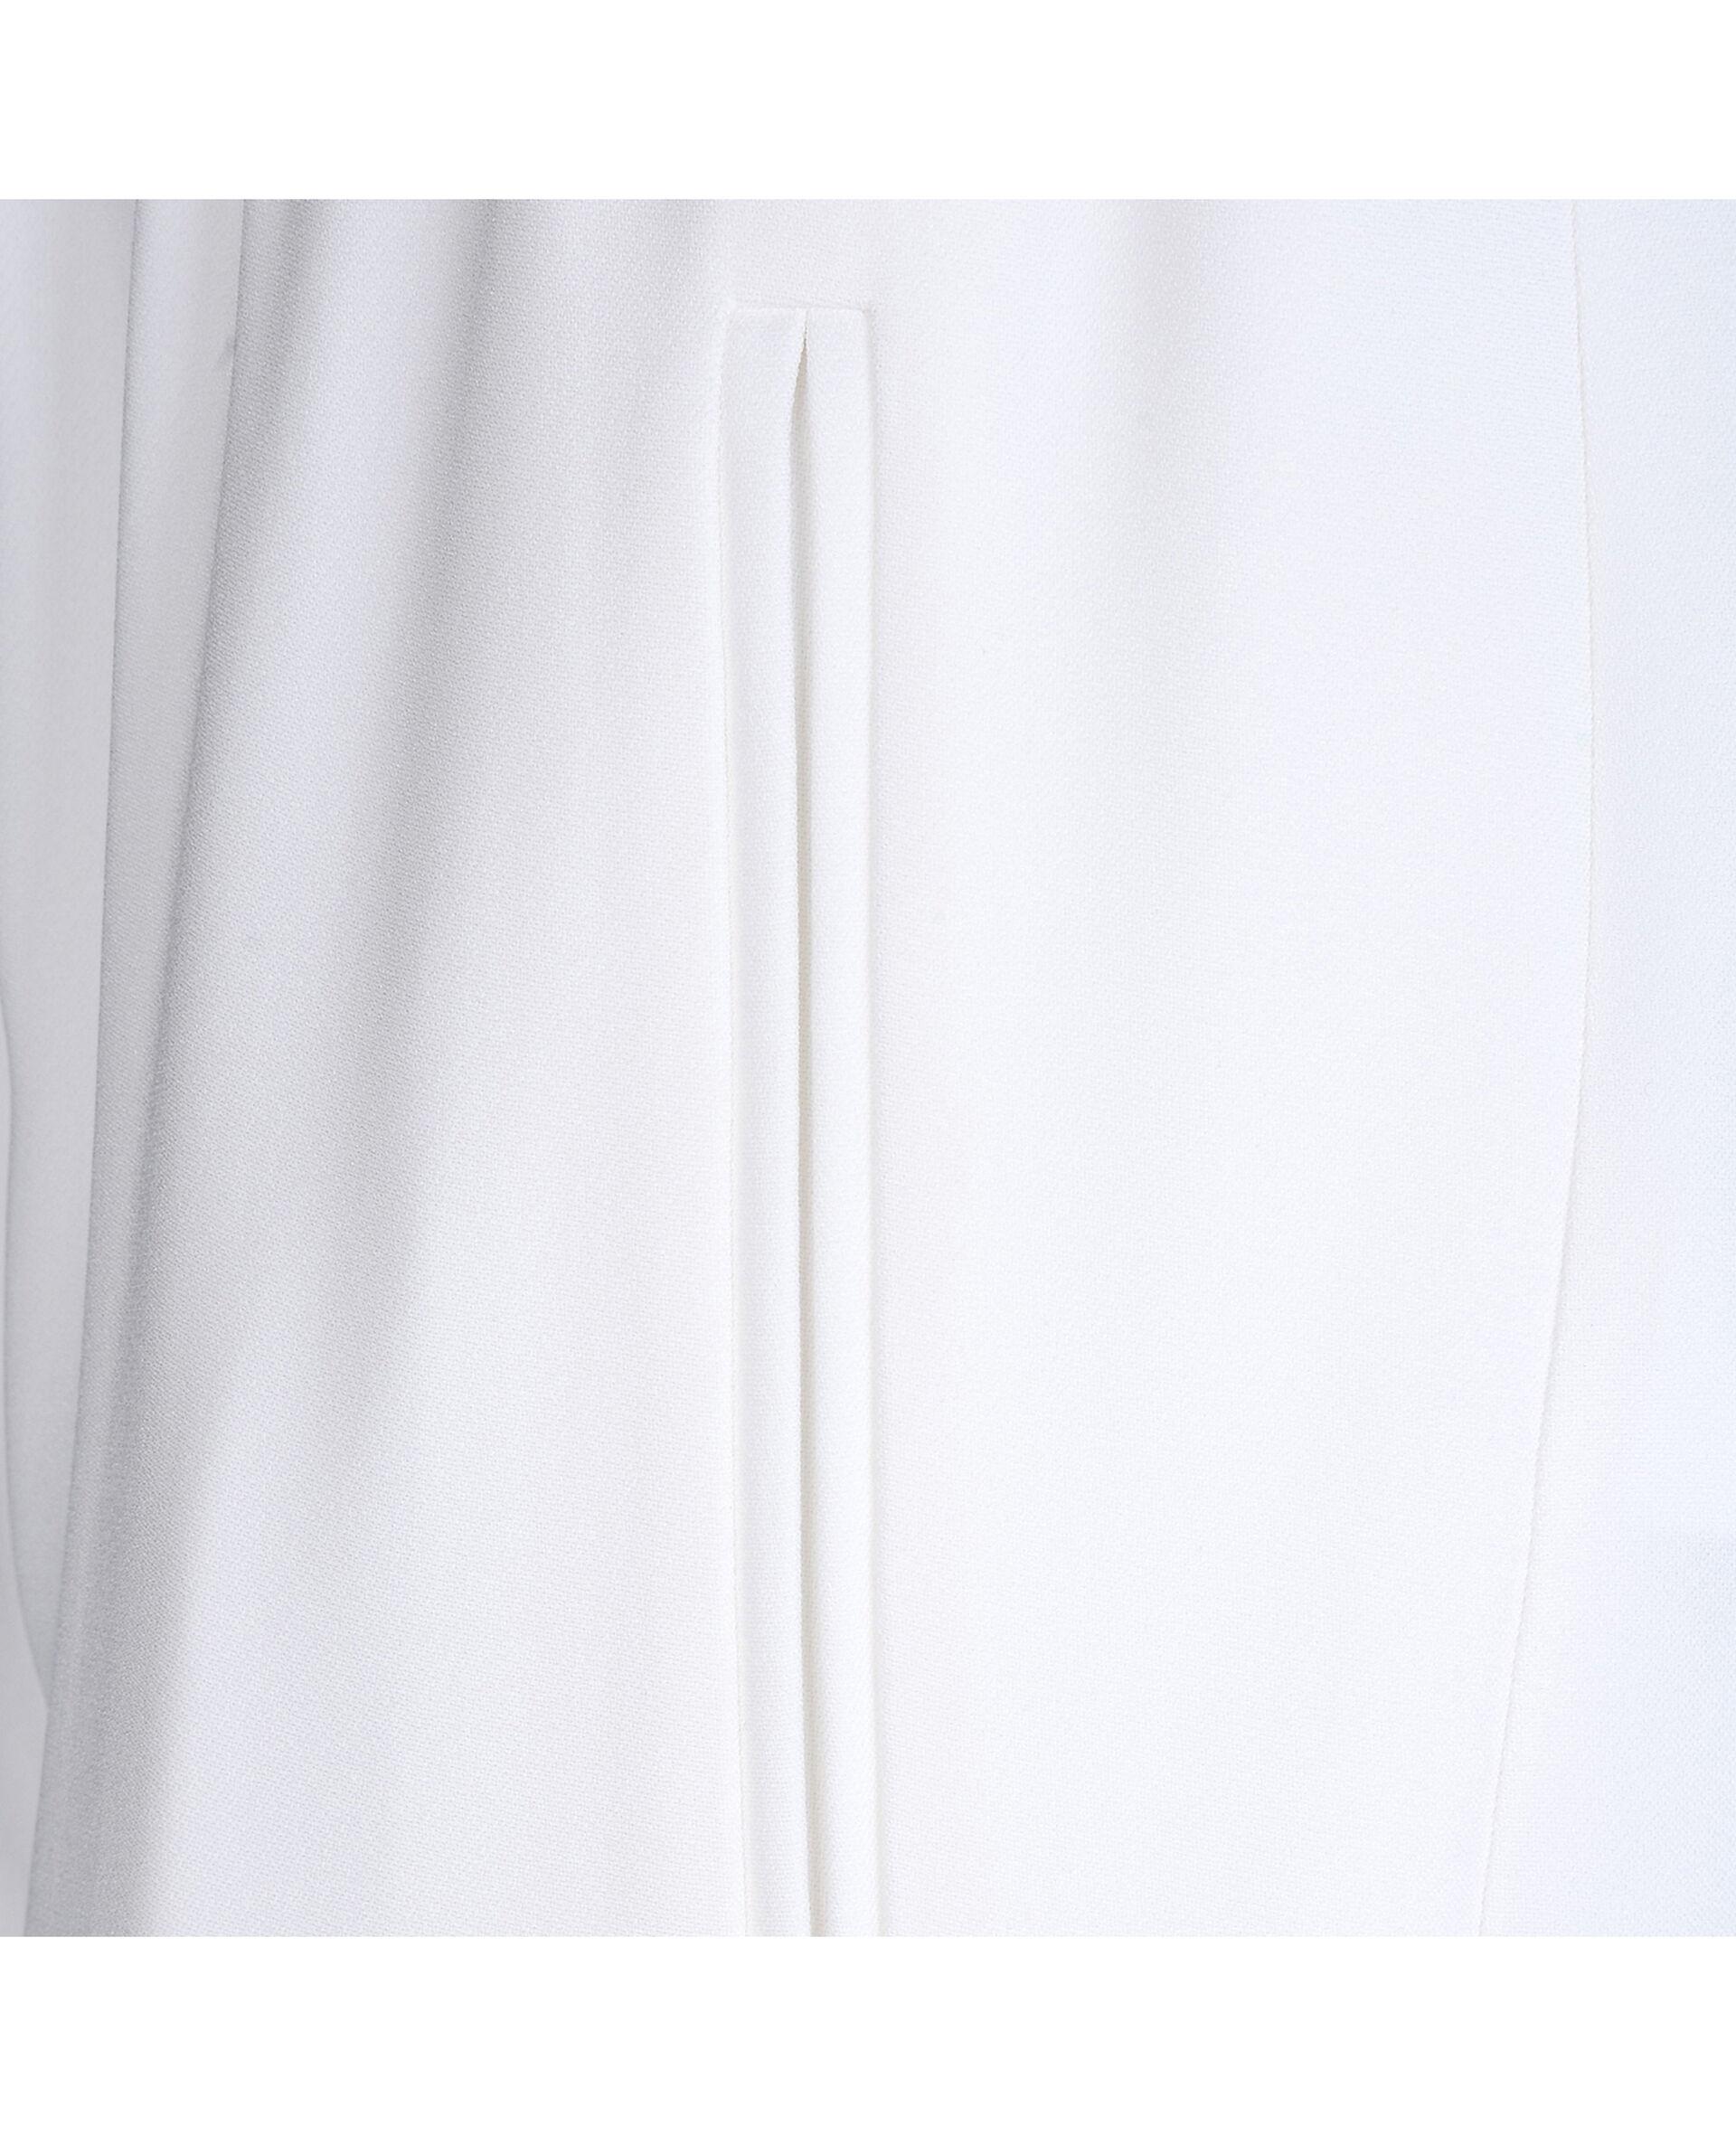 Pantaloni Tamara-Nero-large image number 3